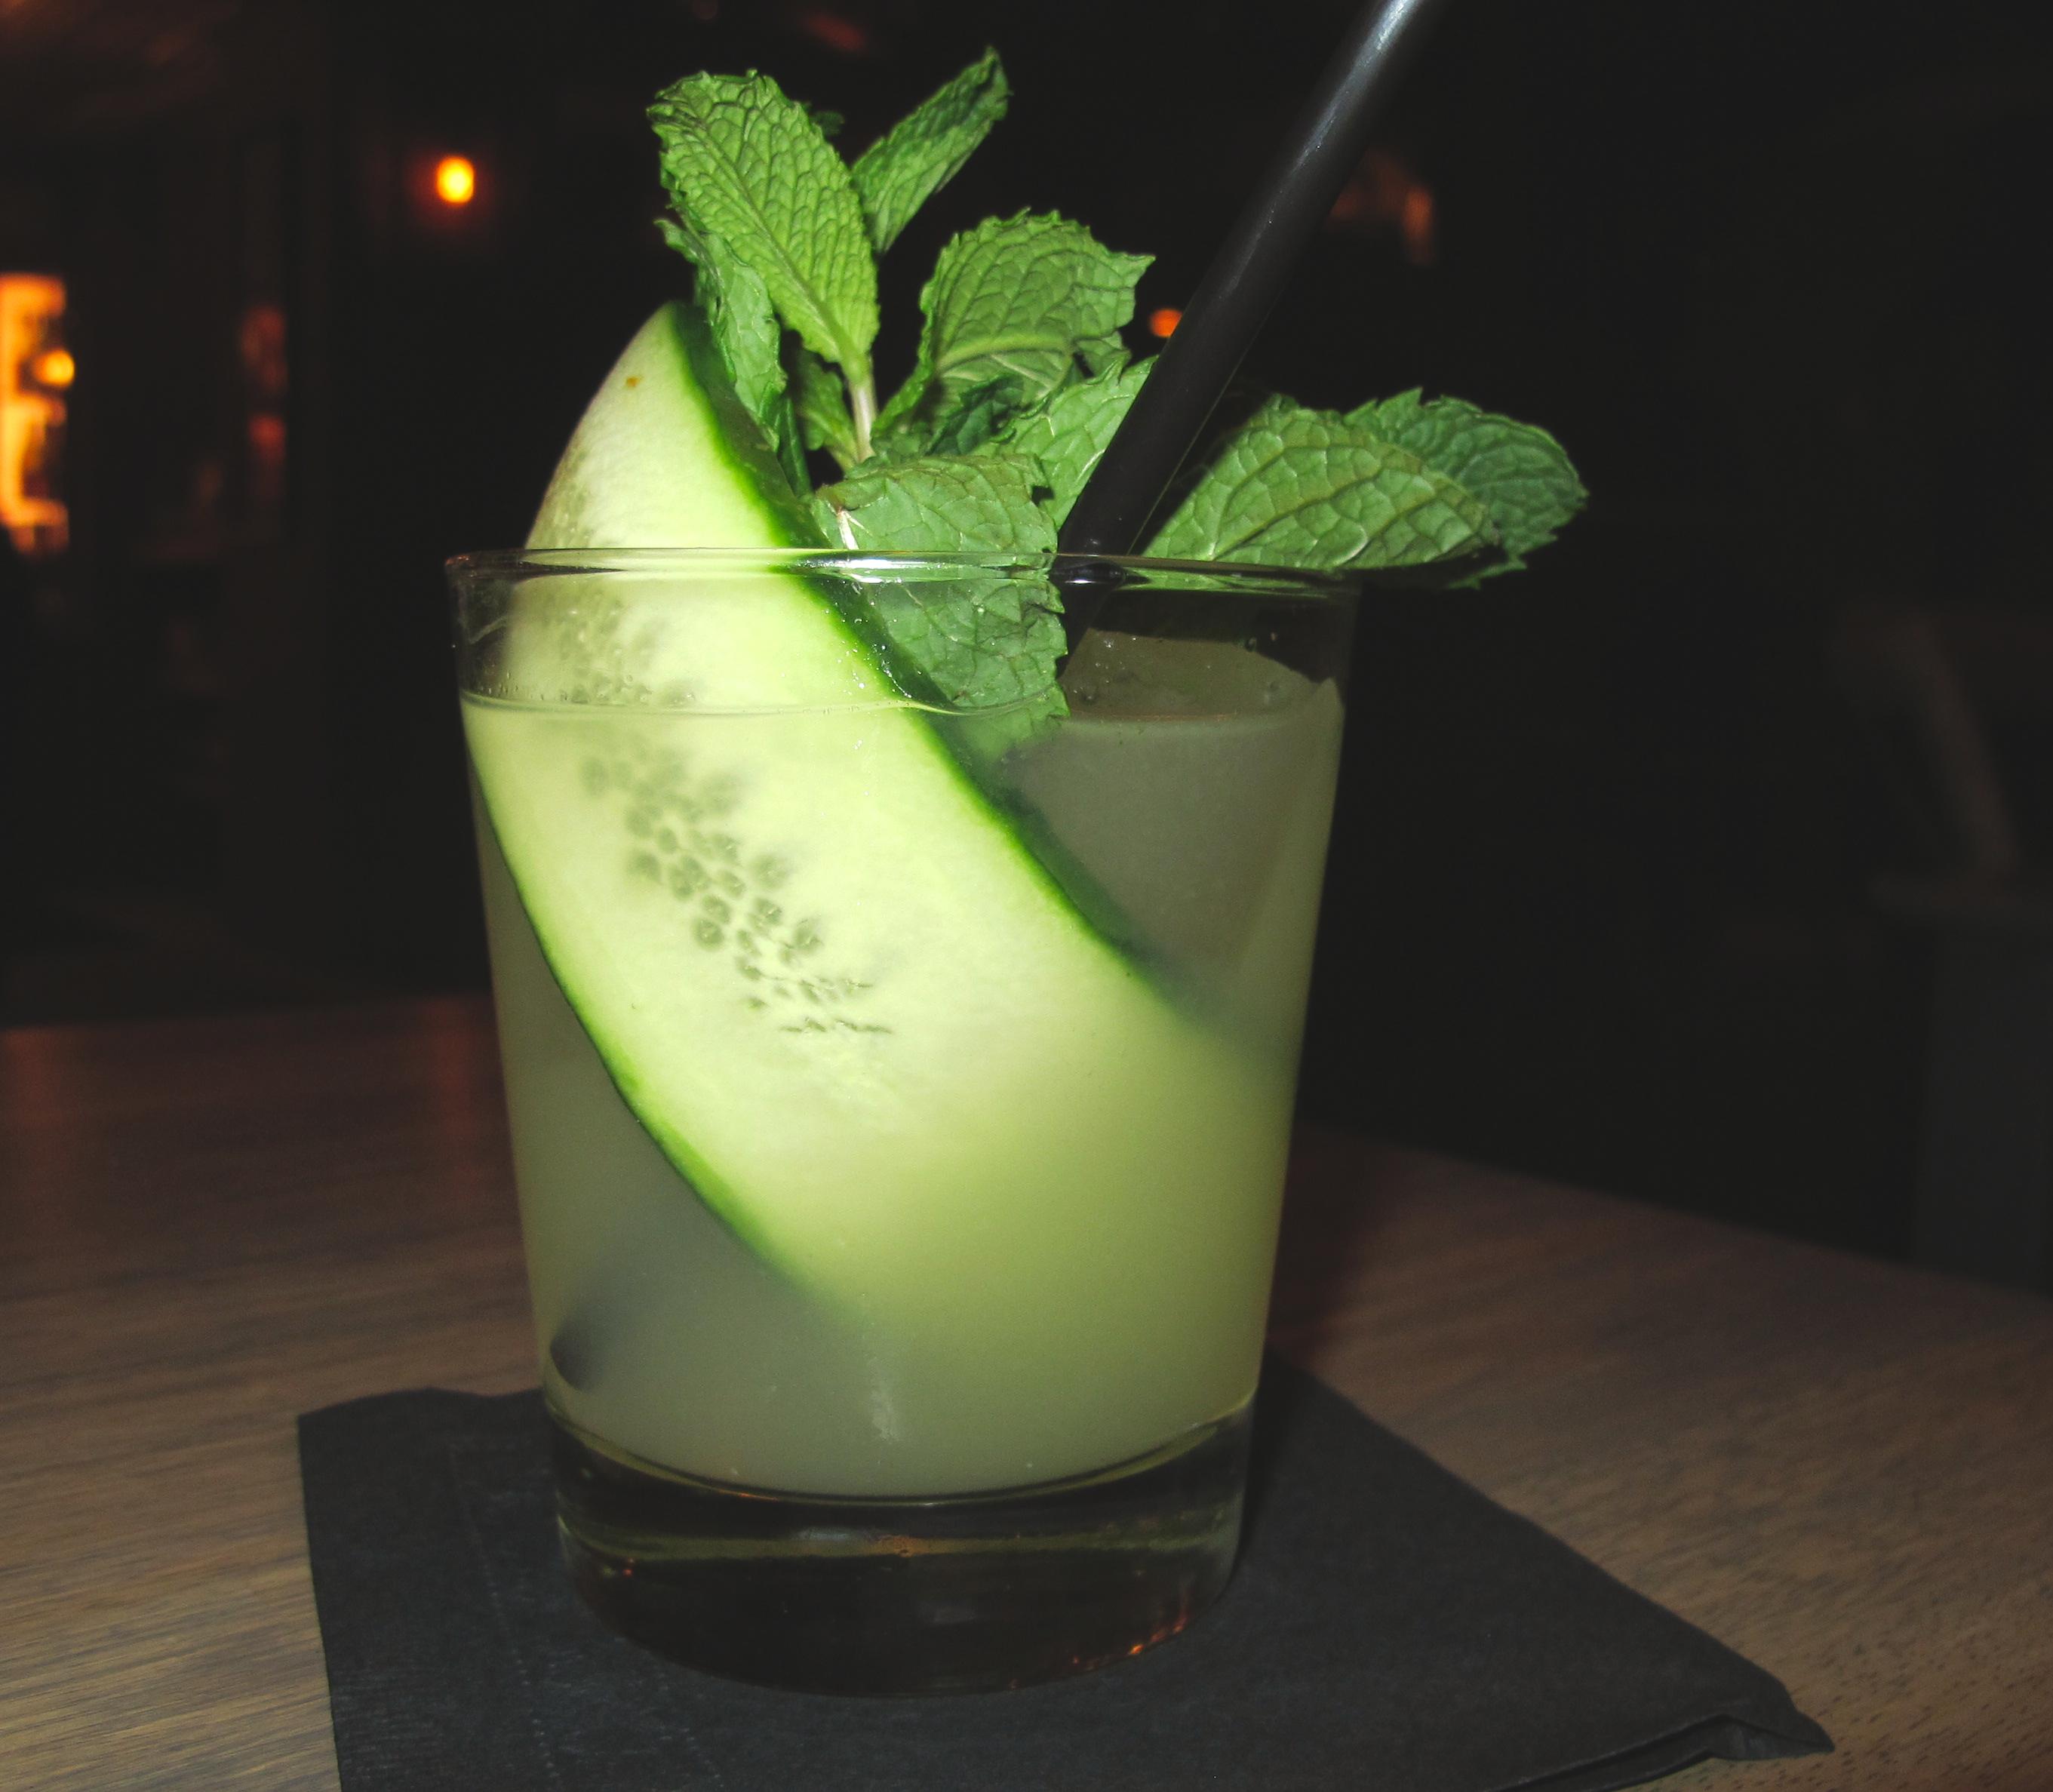 The Derek Smalls Cocktail